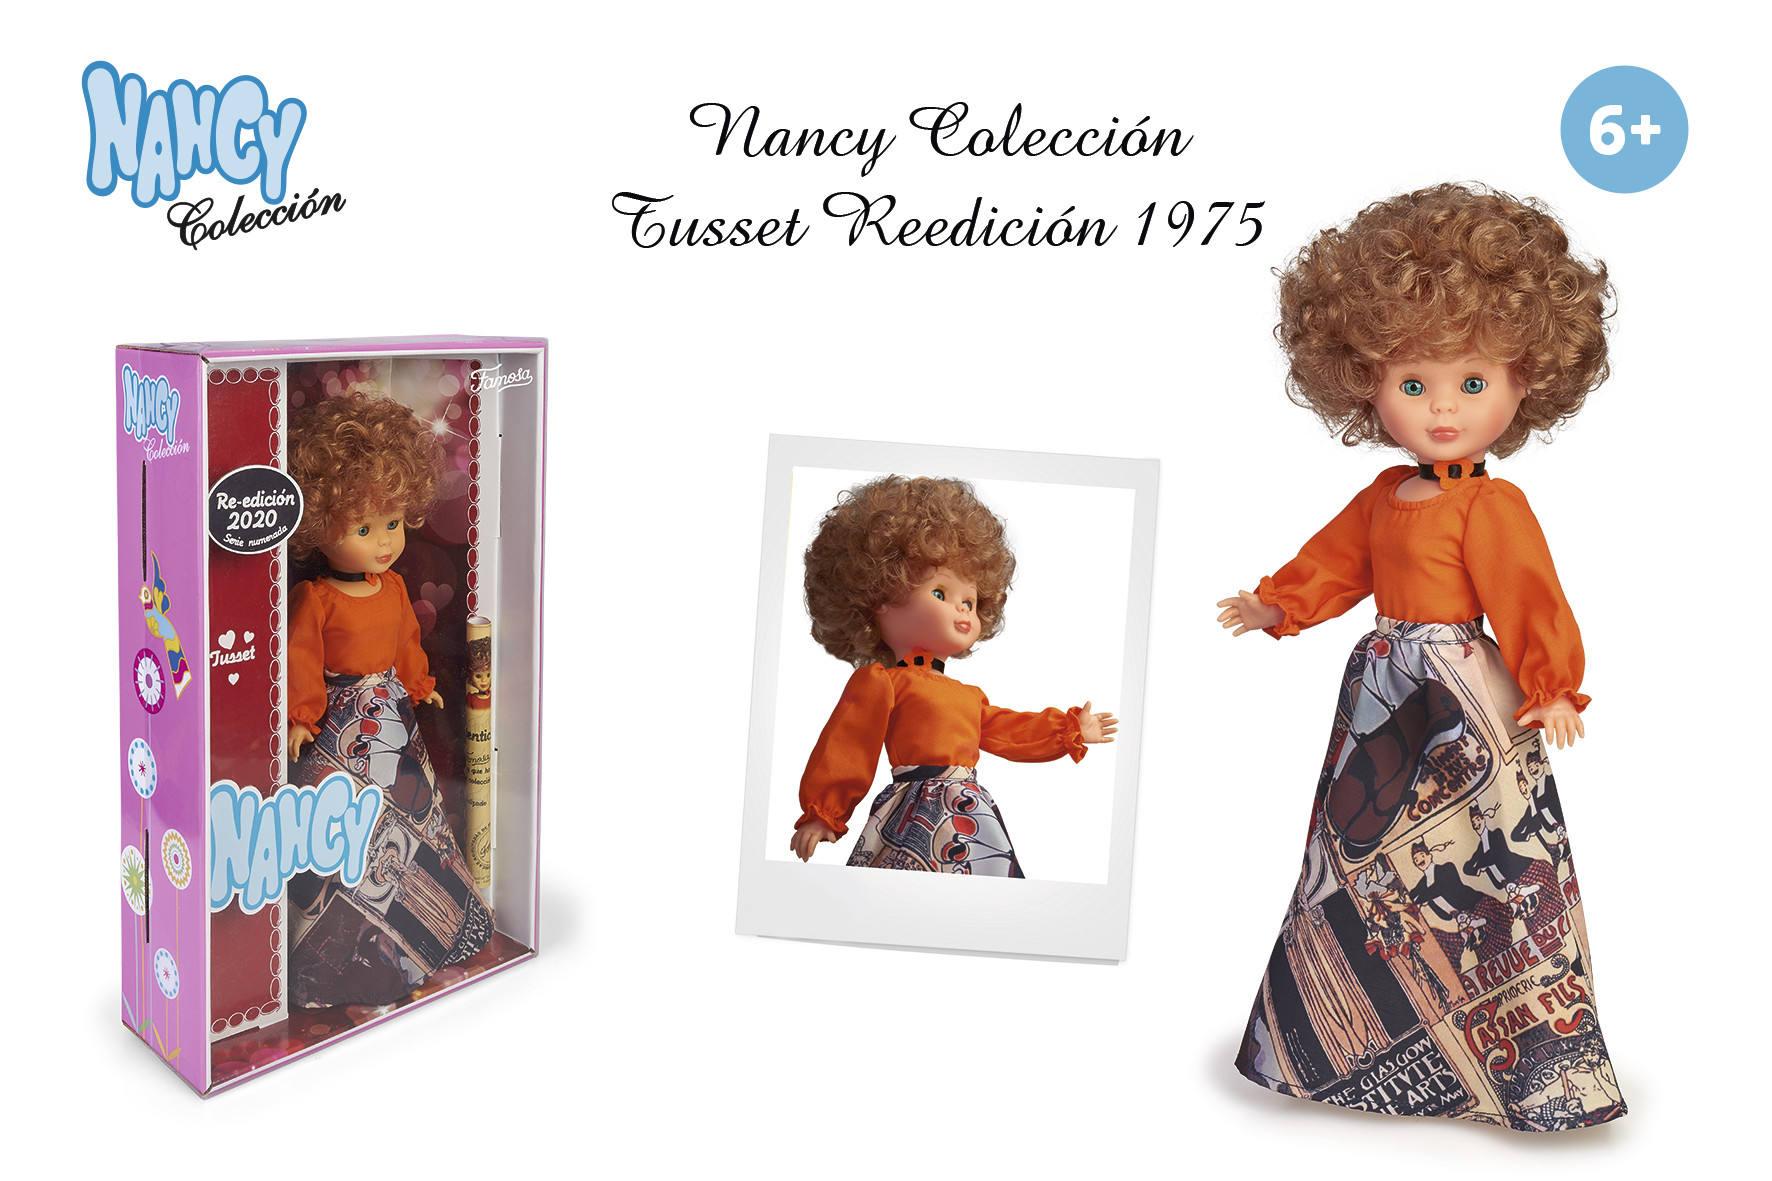 NANCY COLECCION TUSSET REEDICION 2020 15899